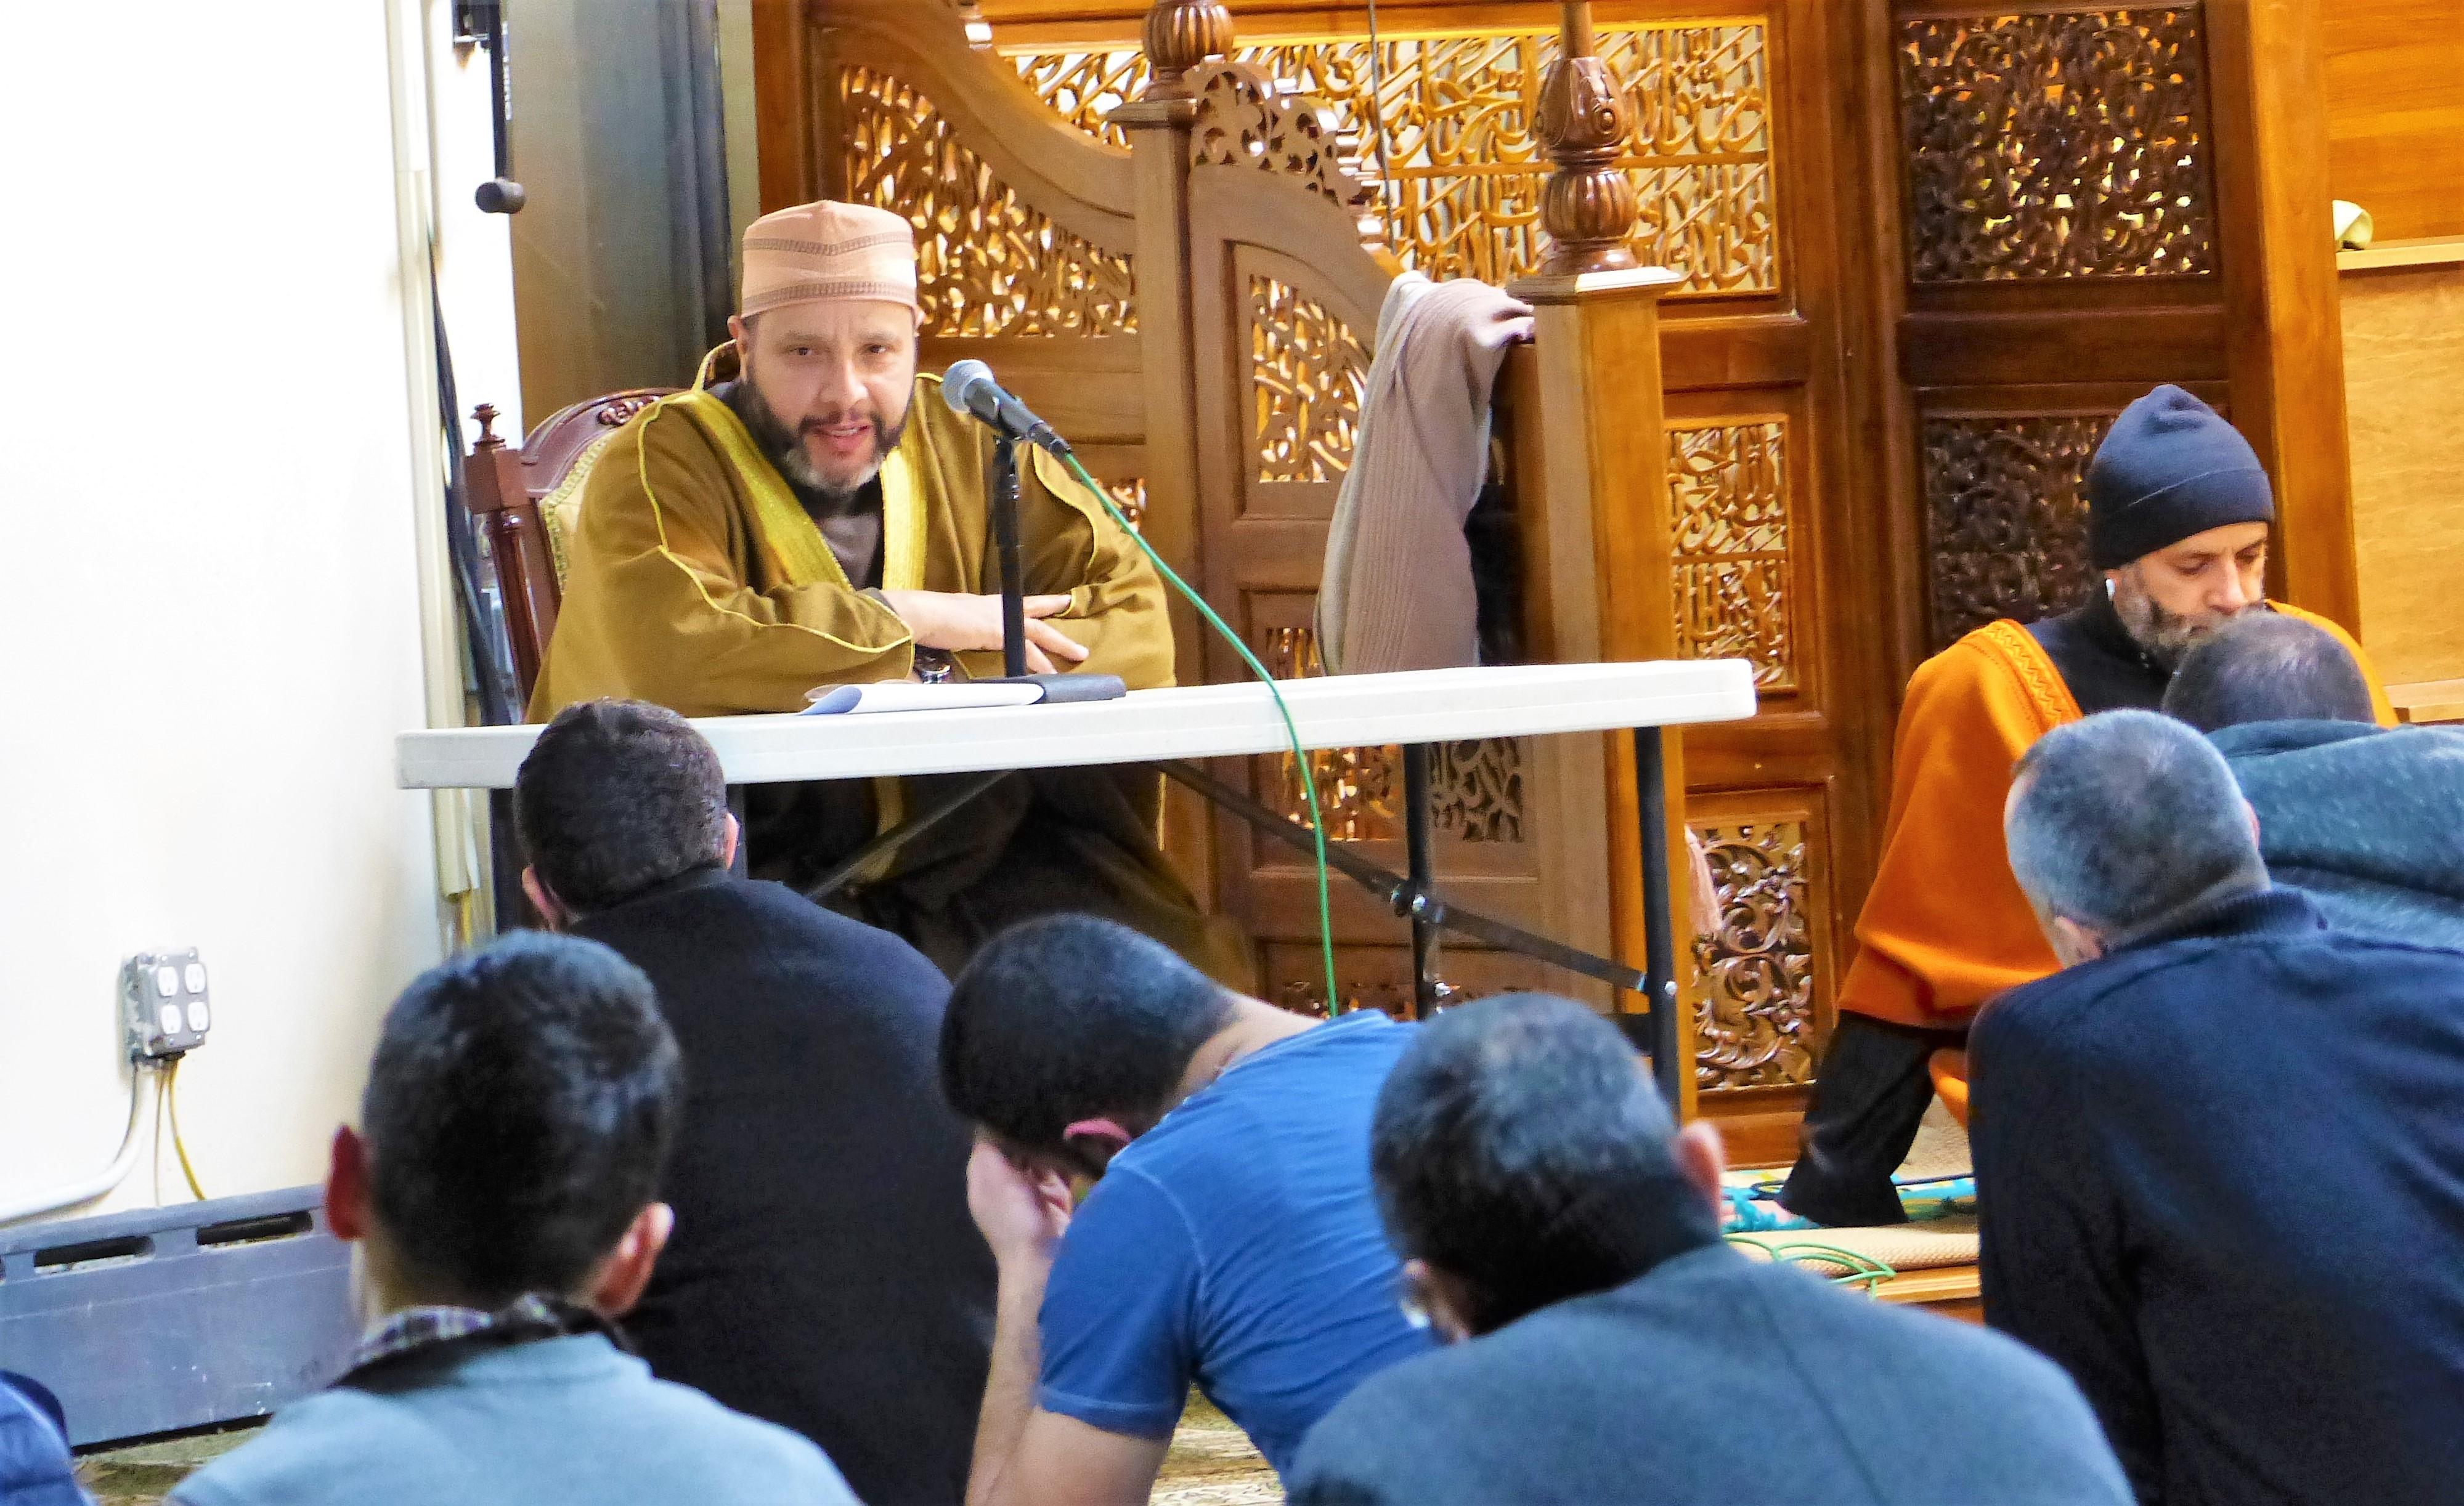 La mezquita North Hudson Islamic Educational Center, en Union City. Zaira Cortés